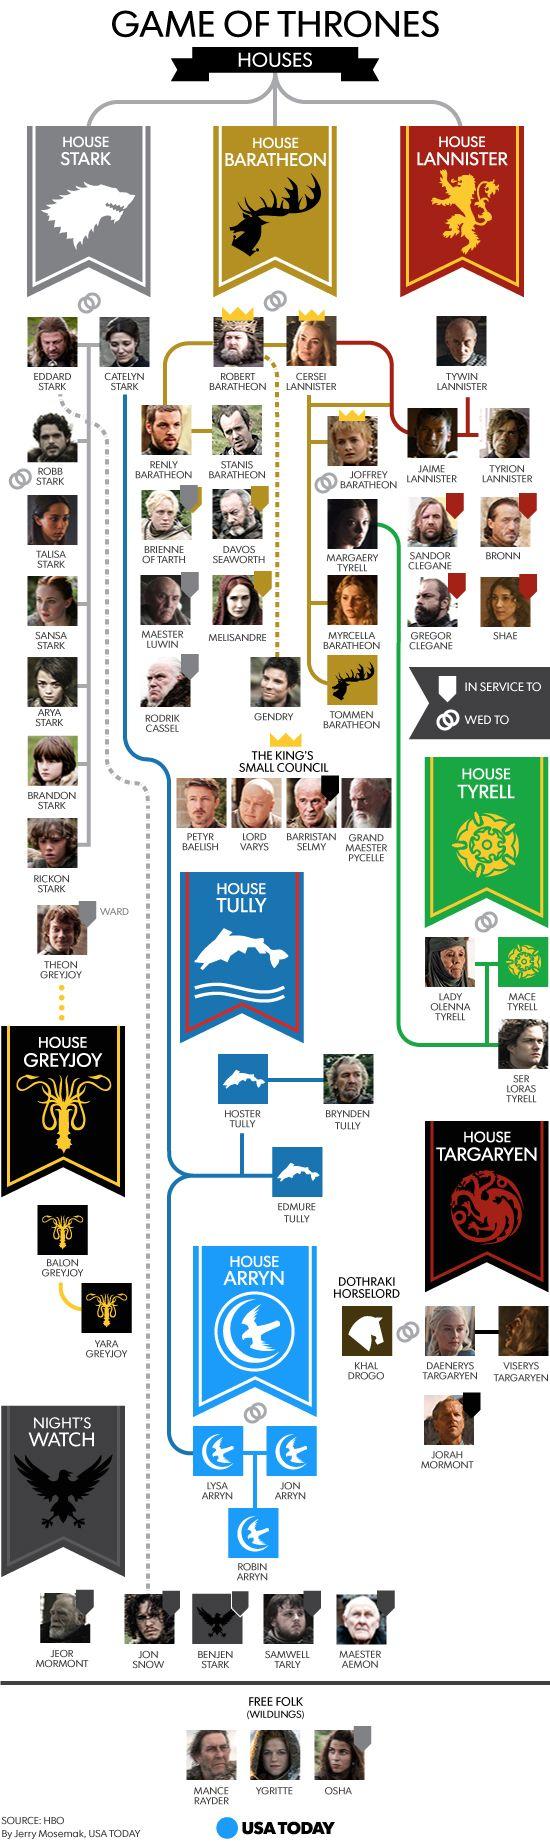 Bekannt Game Of Thrones Season 3 Family Tree … | Pinteres… CL37